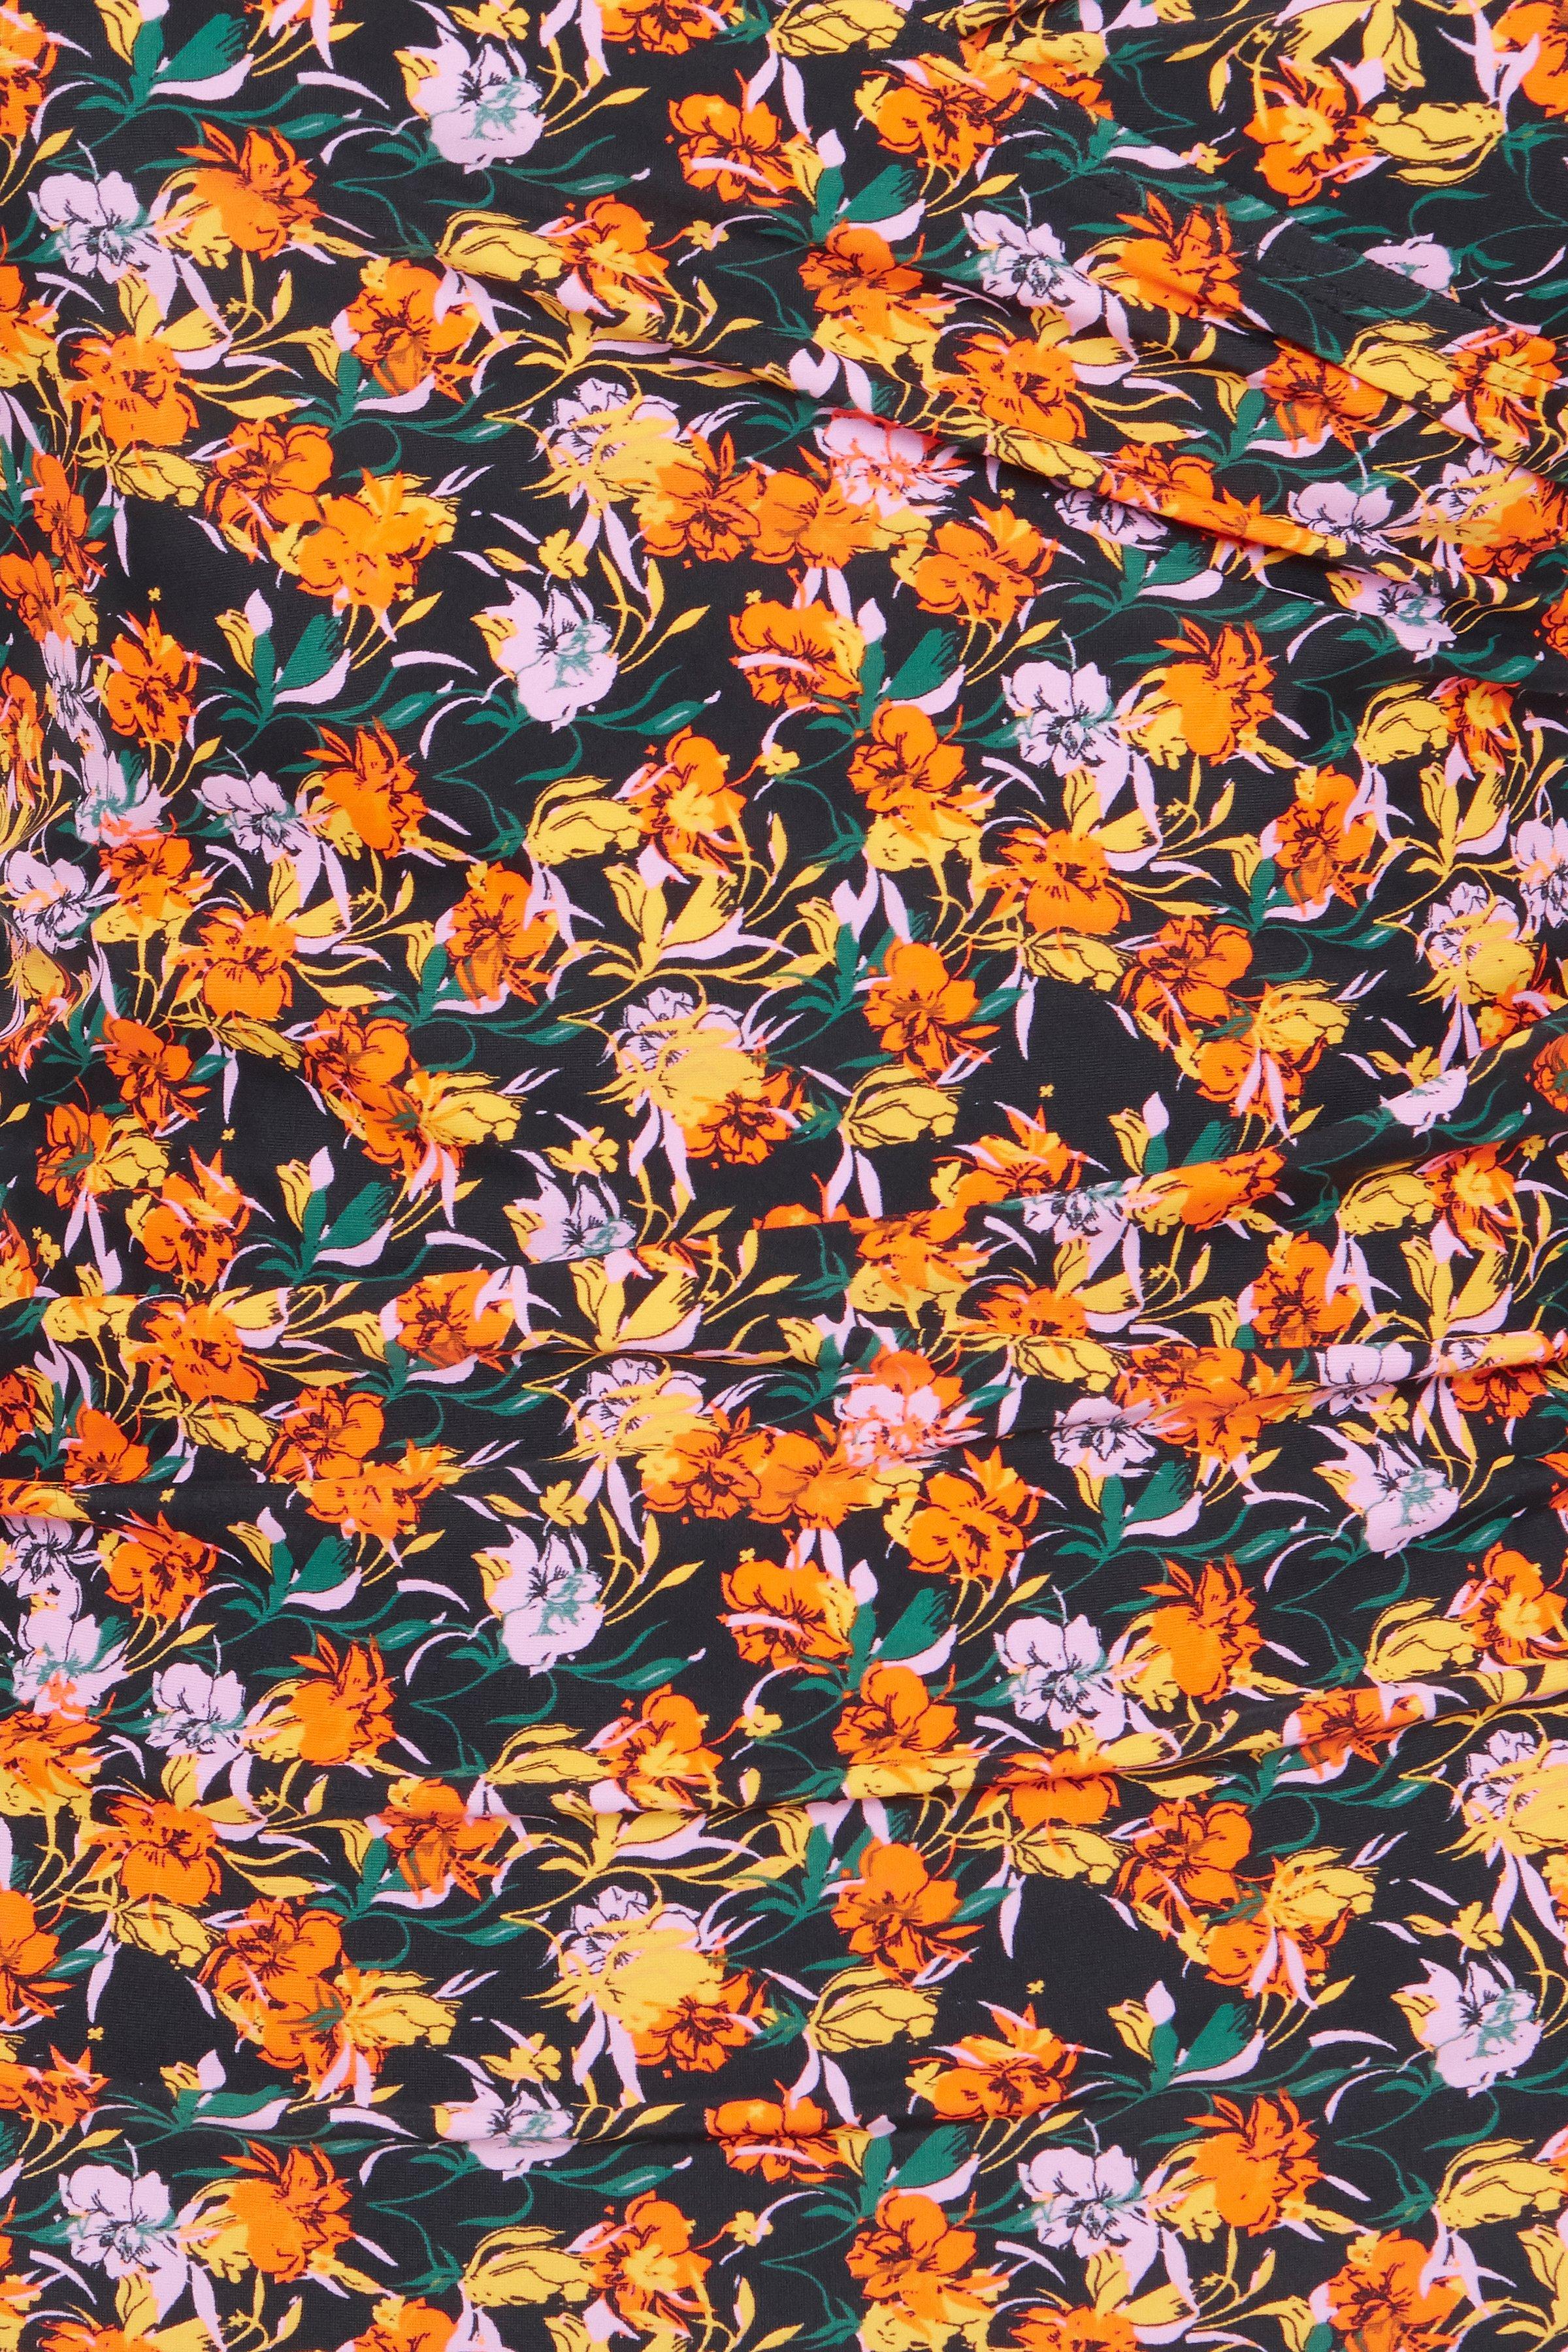 Russet Orange Badetøj – Køb Russet Orange Badetøj fra str. XS/S-M/L her